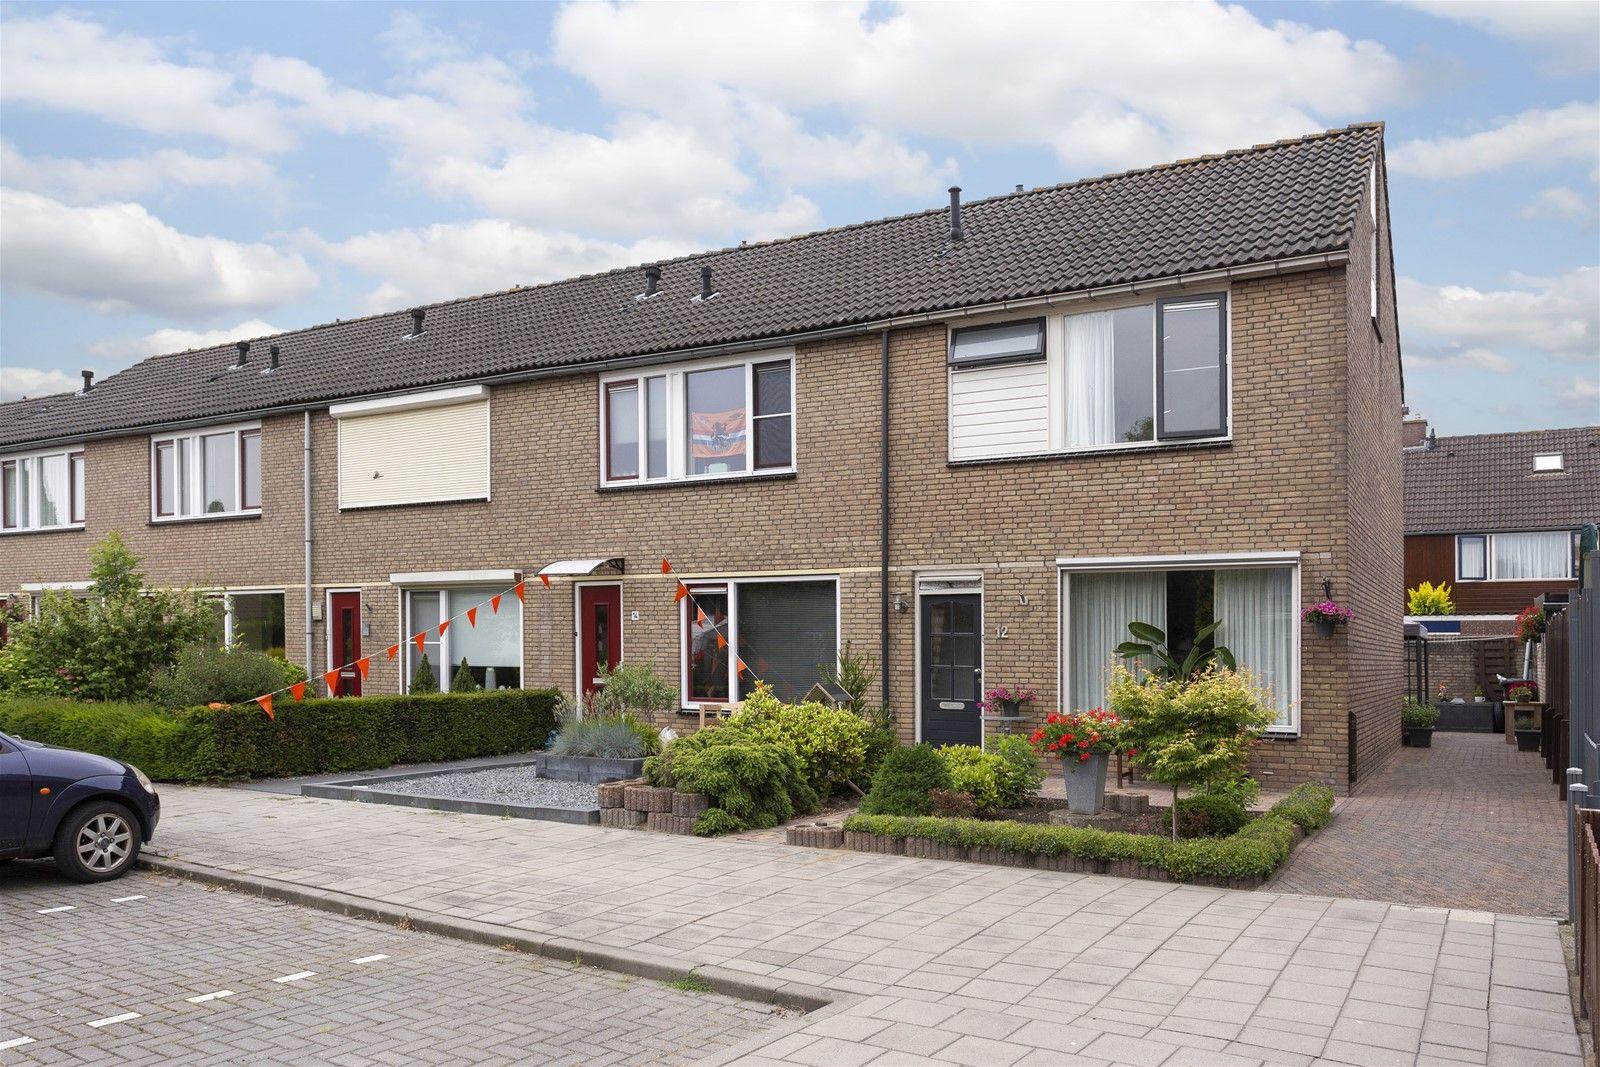 Willem de Zwijgerstraat 12, Veen